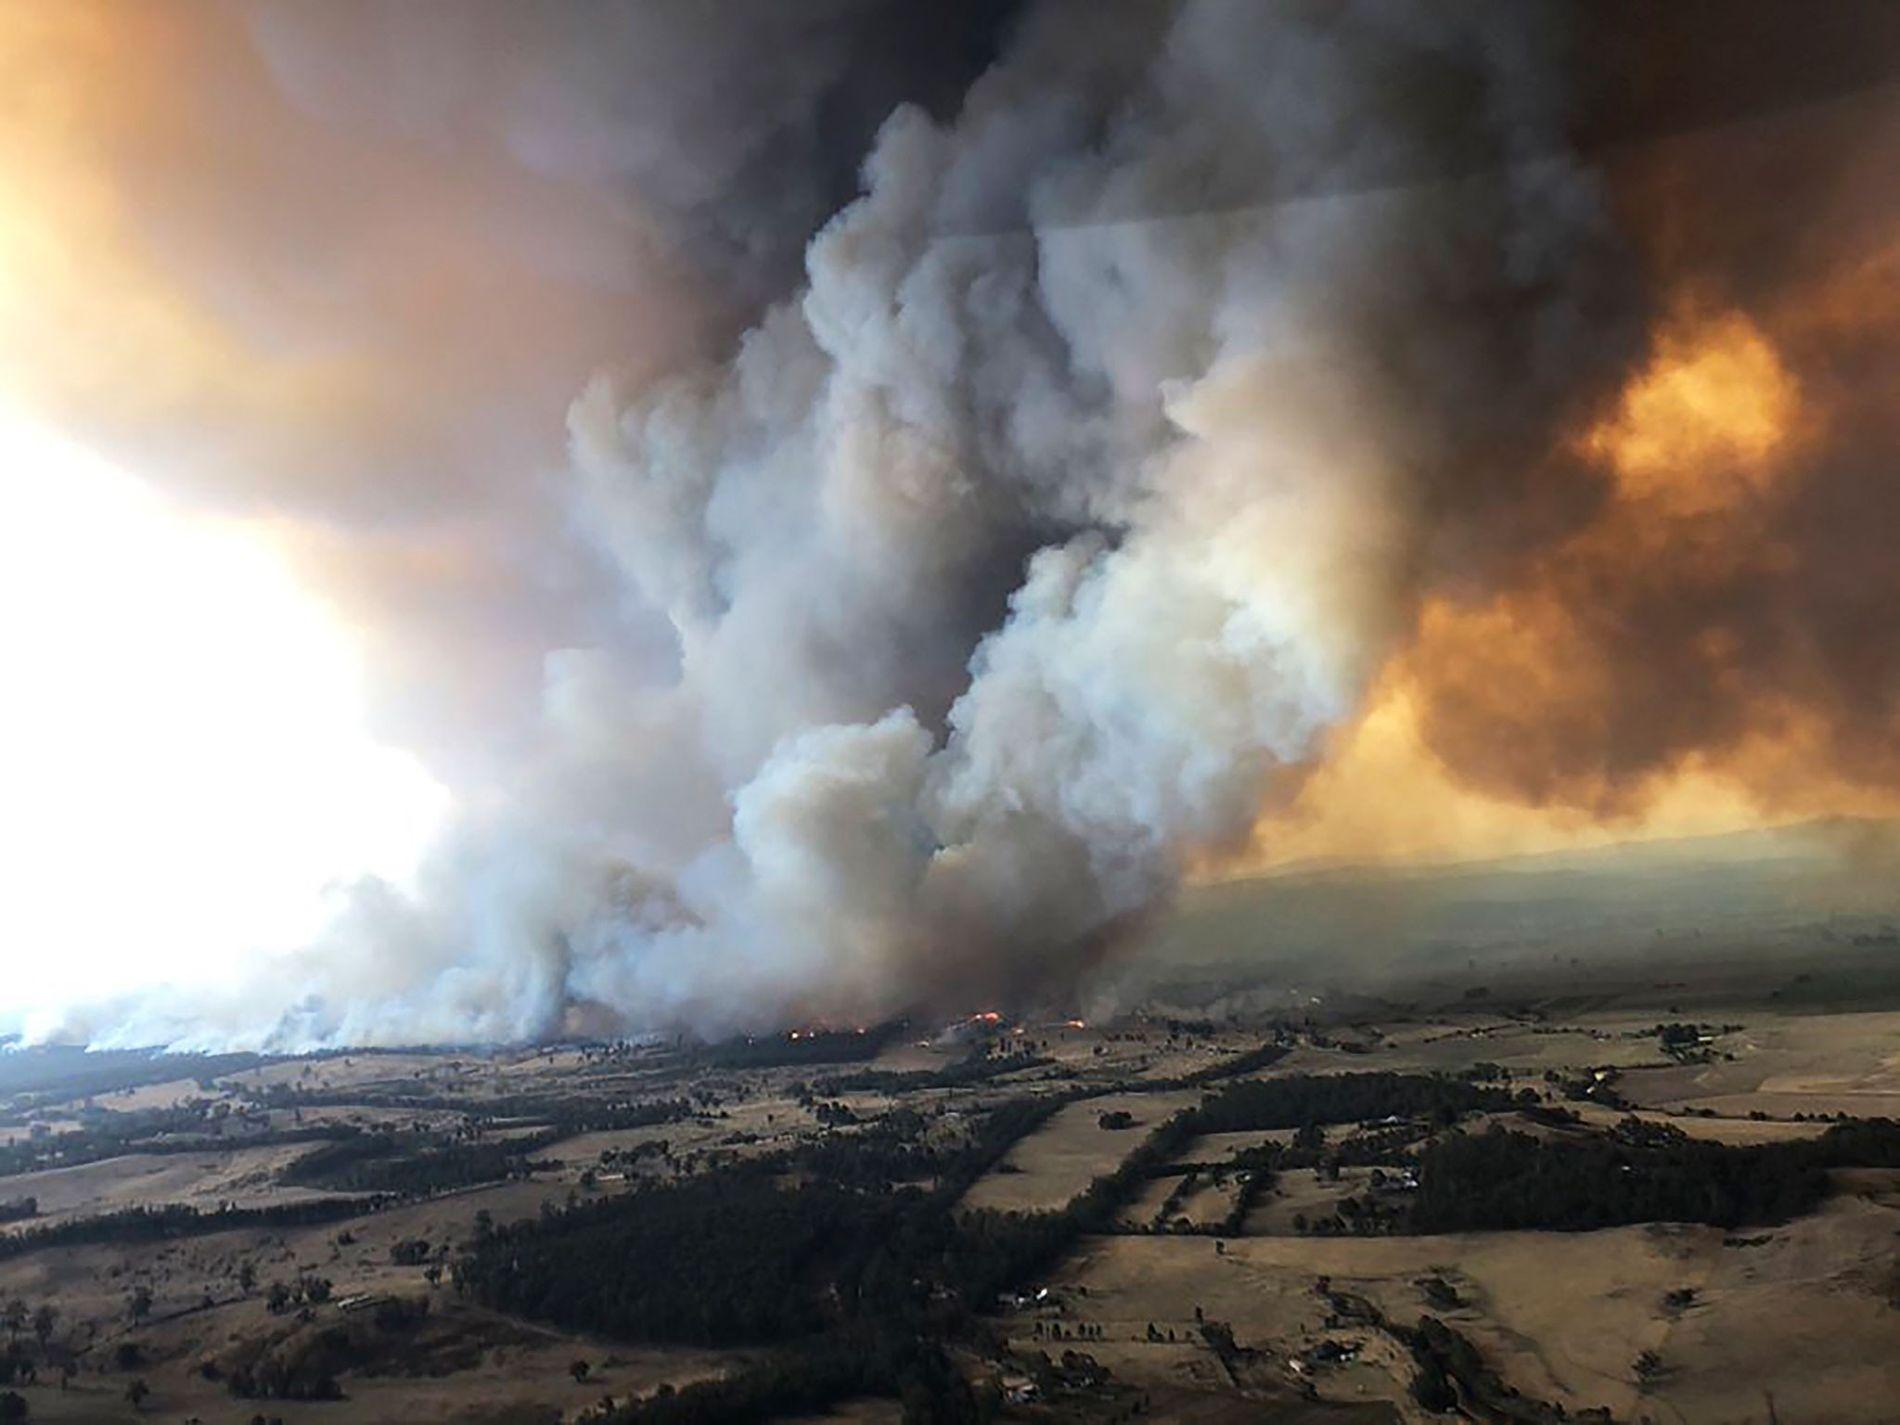 Em 30 de dezembro de 2019, os incêndios florestais ardiam sob nuvens de fumaça, em Bairnsdale, ...